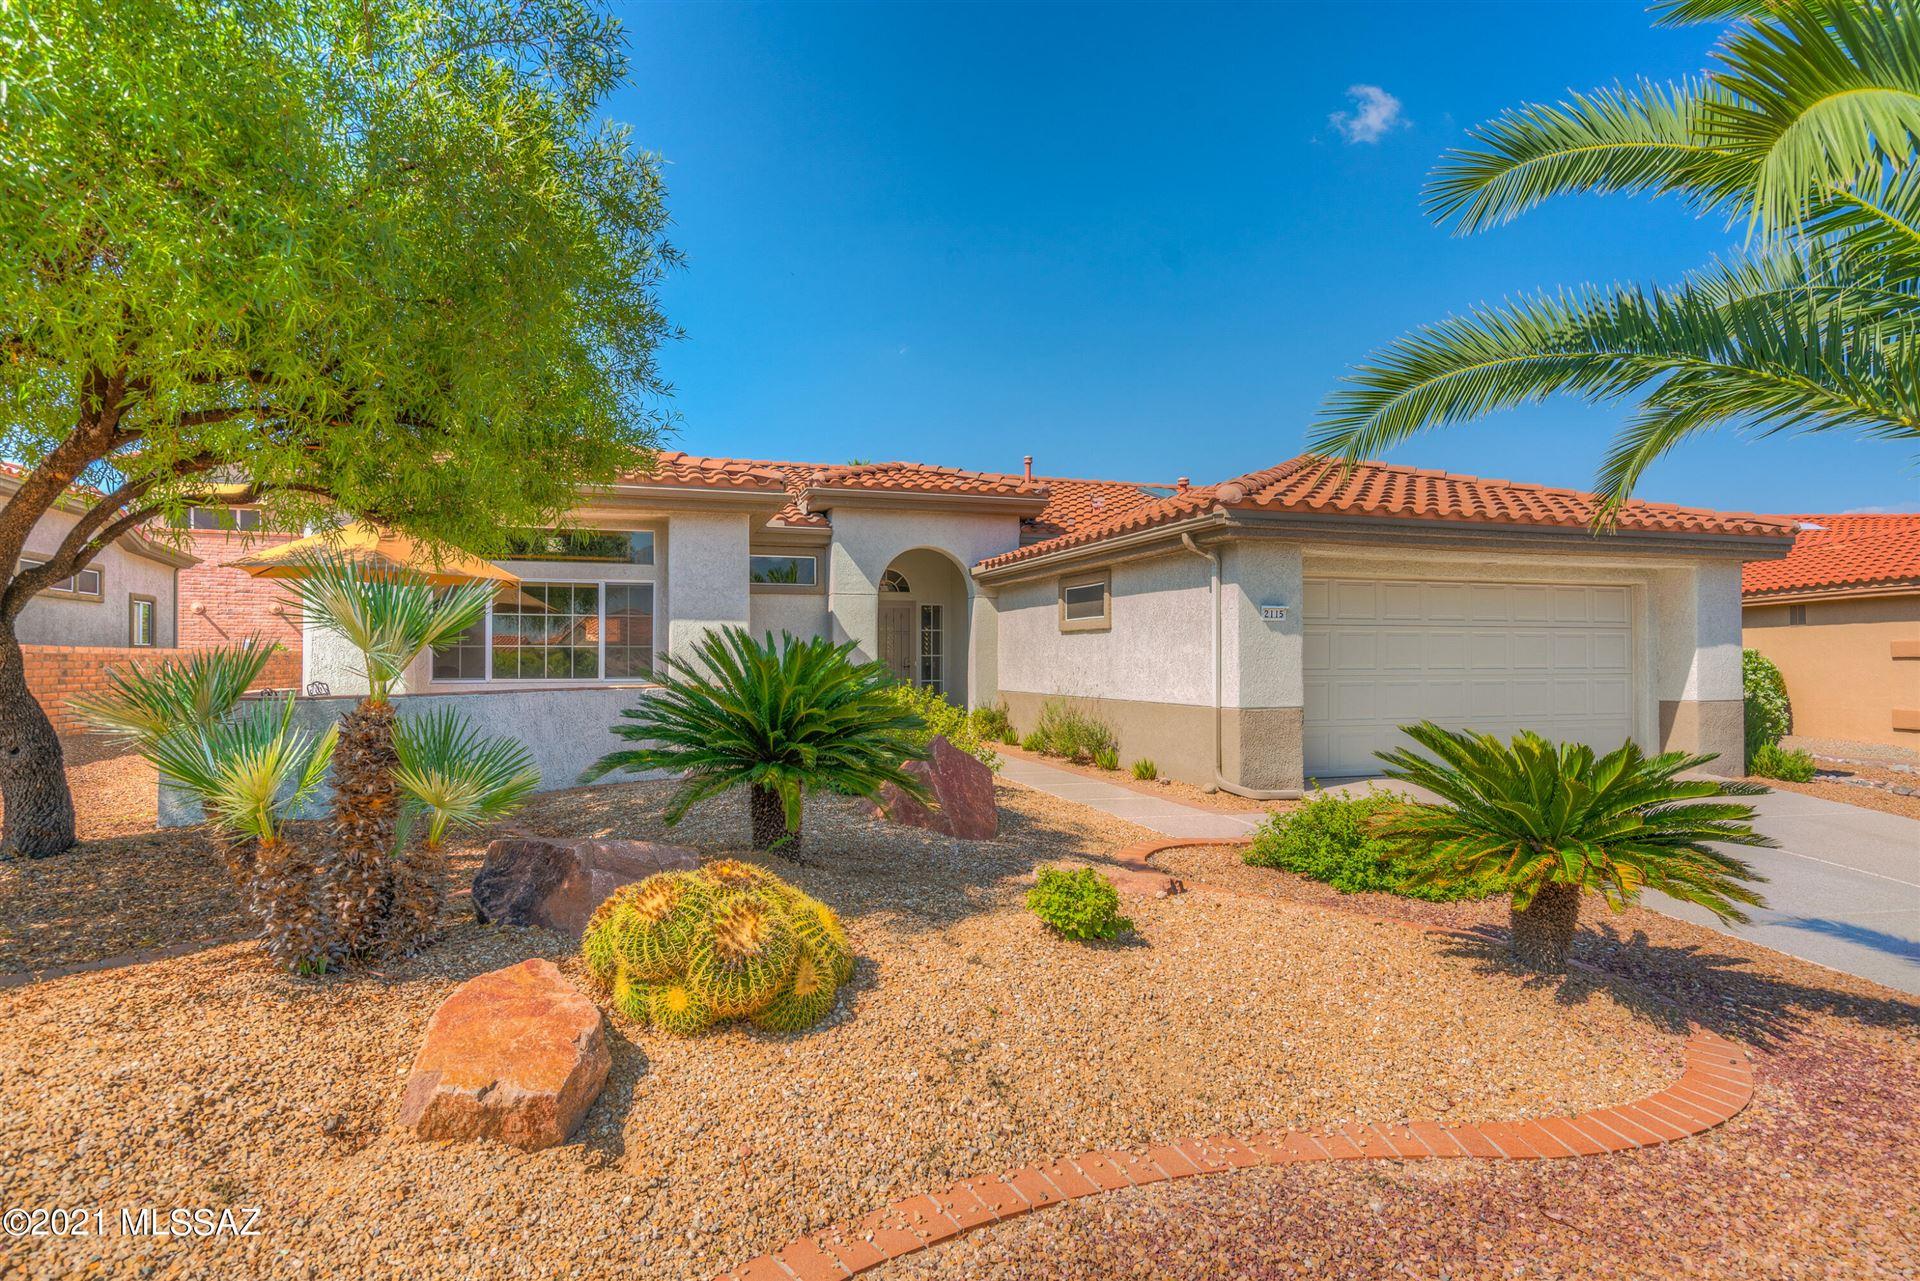 2115 E Buster Mountain Drive, Oro Valley, AZ 85755 - MLS#: 22124165